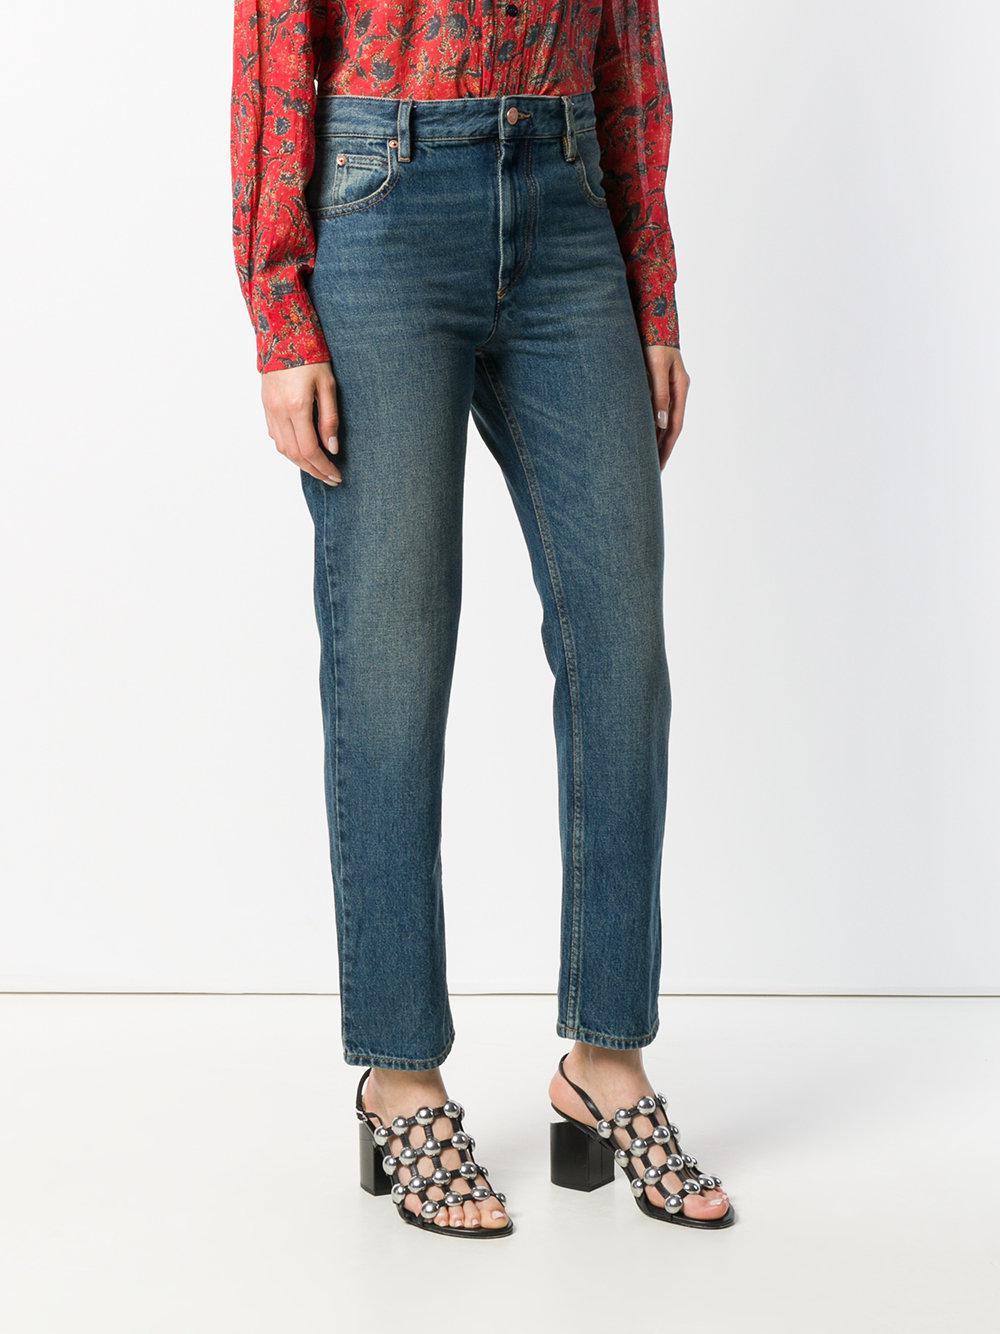 Étoile Isabel Marant Denim Cliff Jeans in Blue